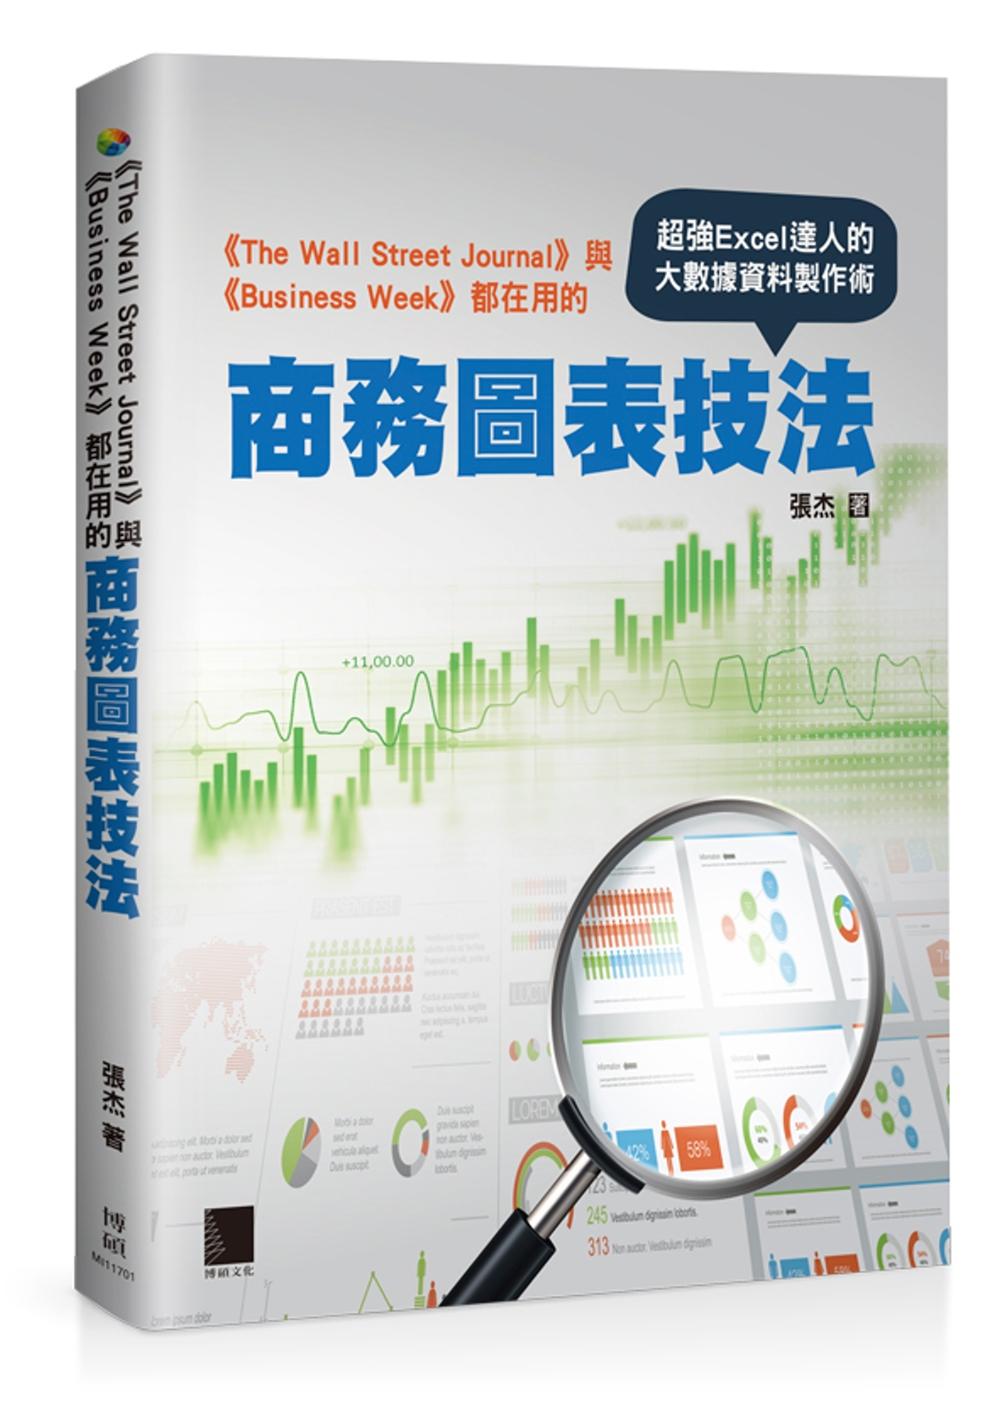 ◤博客來BOOKS◢ 暢銷書榜《推薦》《The Wall Street Journal》與《Business Week》都在用的商務圖表技法:超強Excel達人的大數據資料製作術